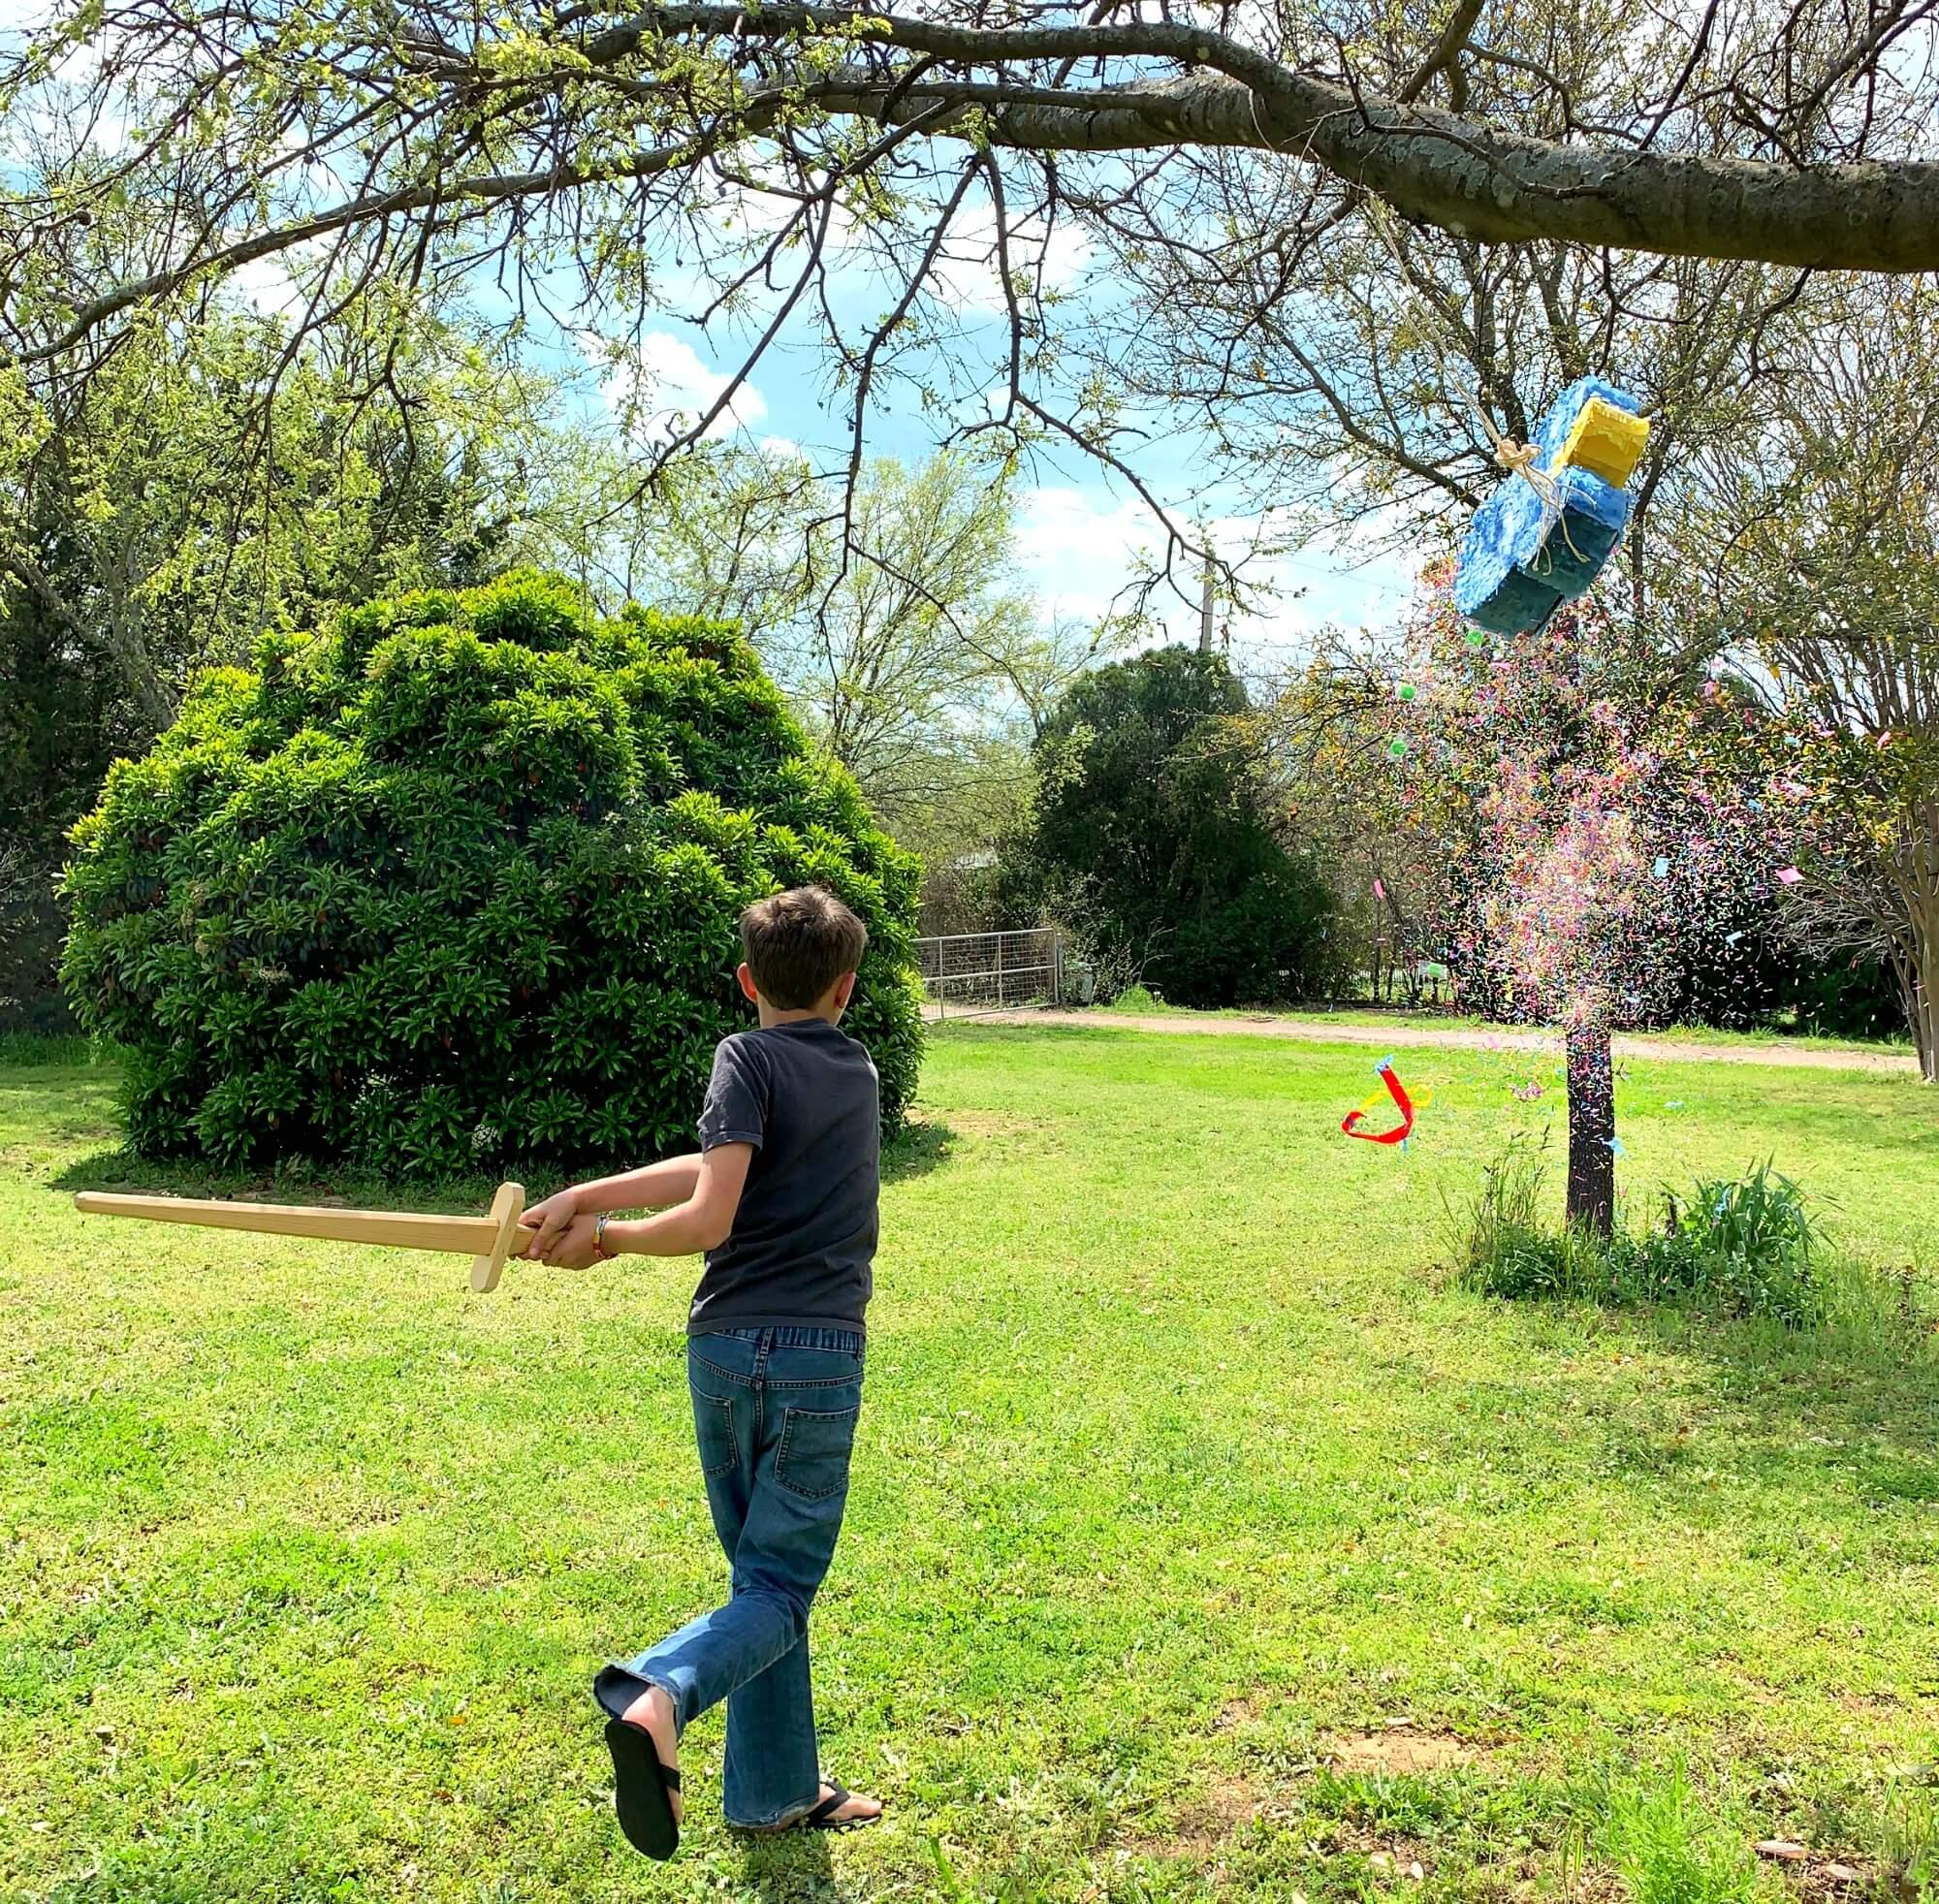 Noah hitting piñata